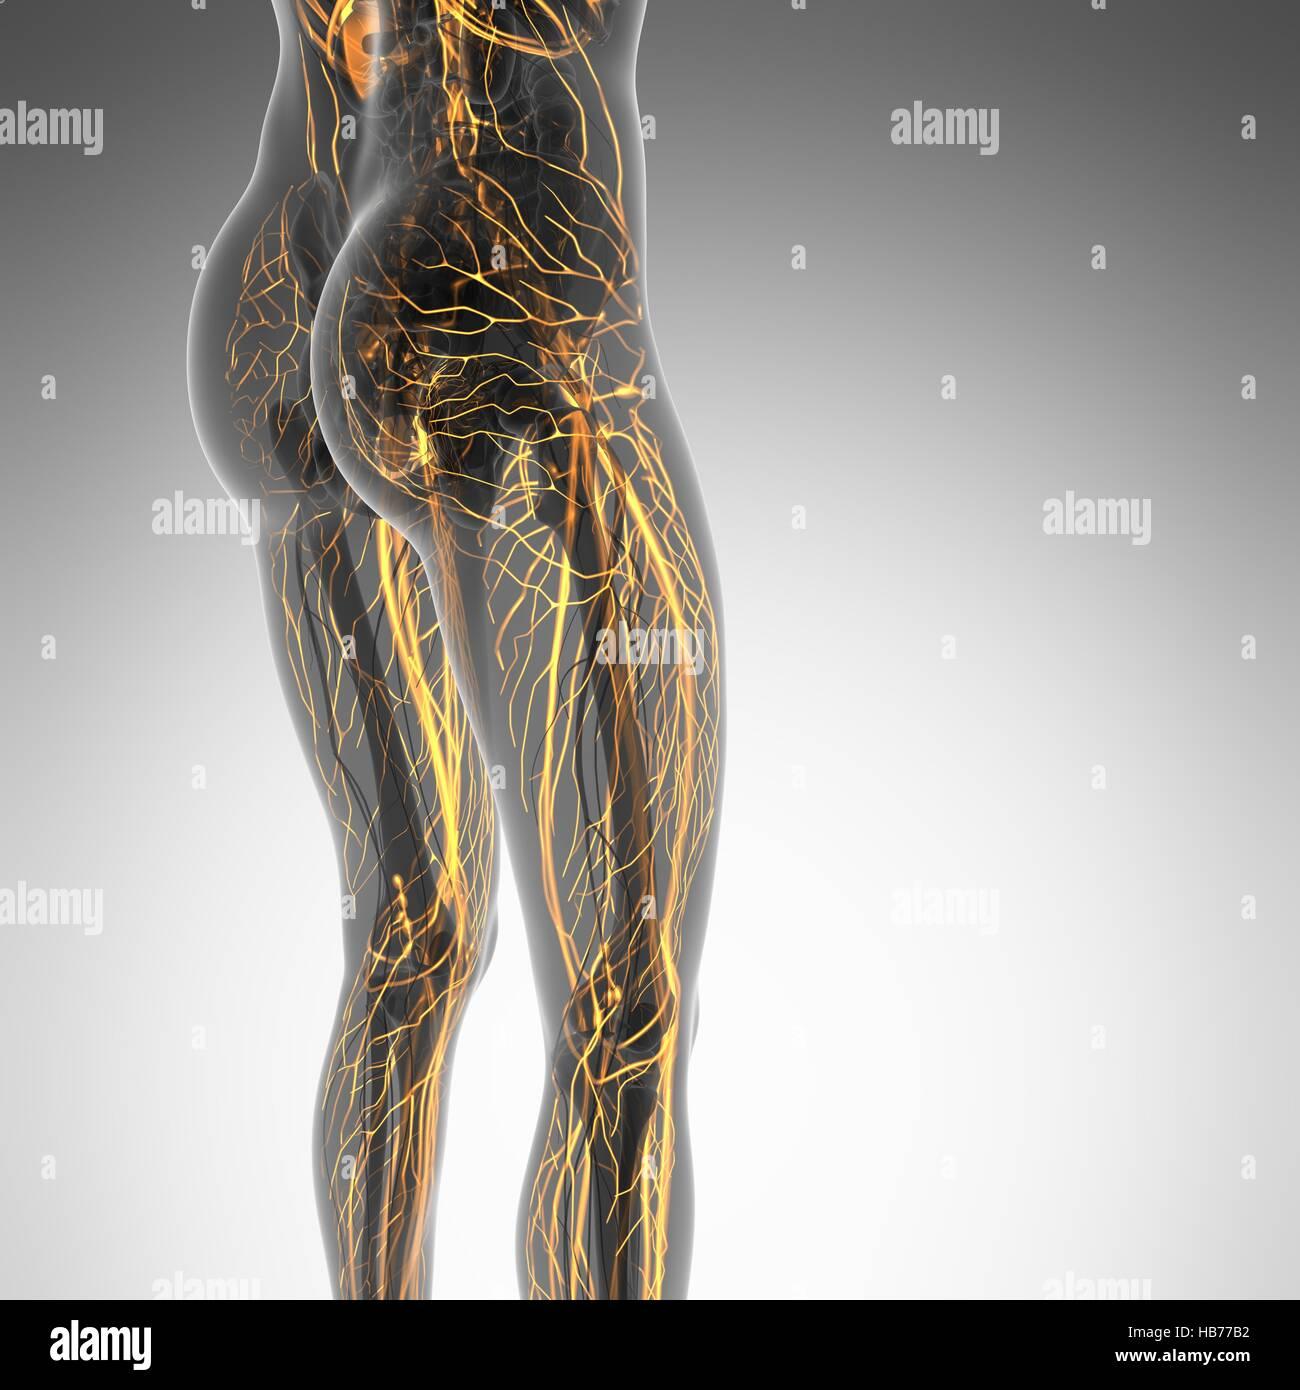 Fantastisch Menschliches Körperbild Mit Organen Galerie ...